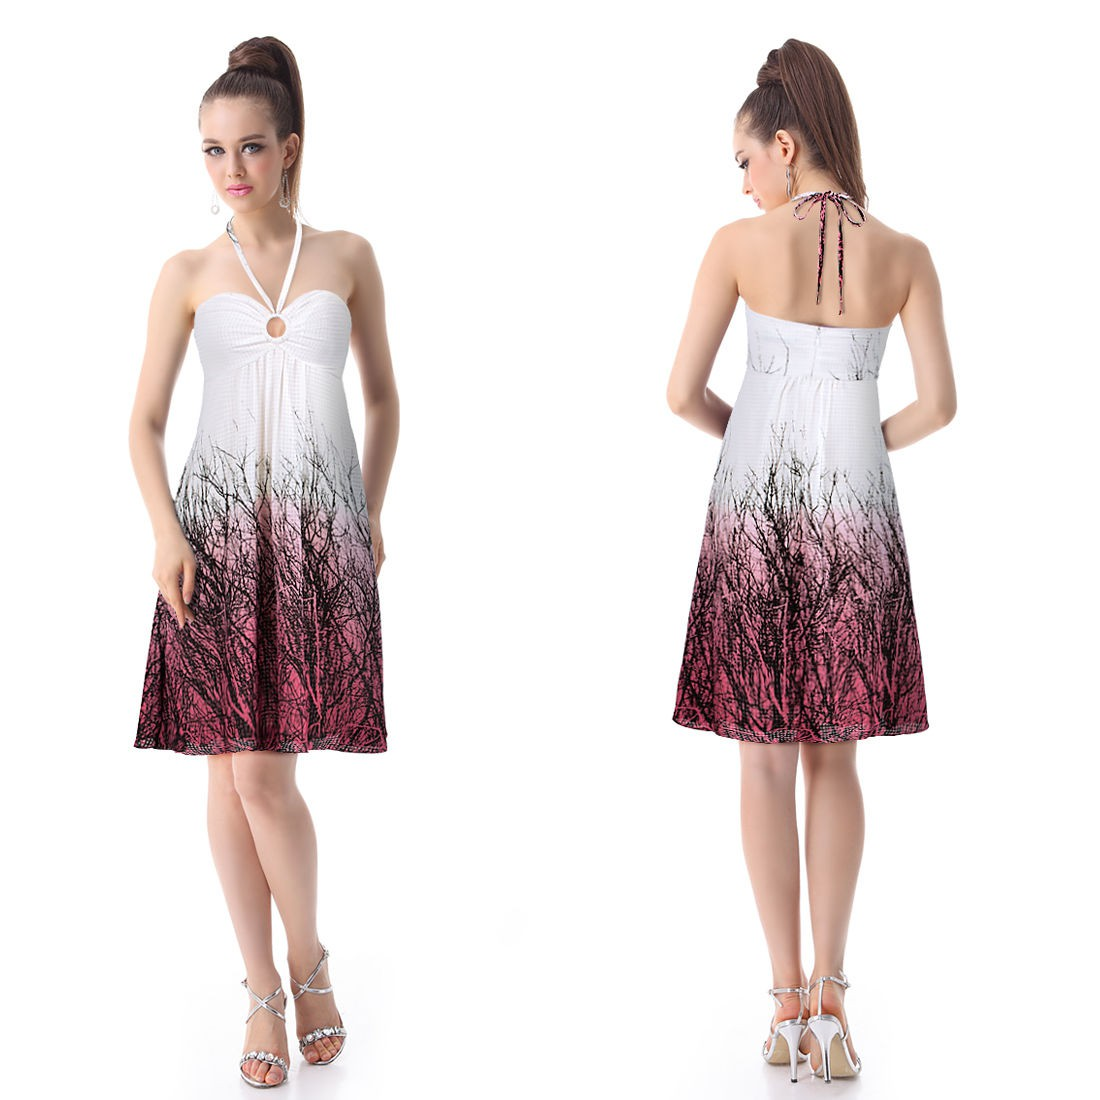 b850cab8f27e Dlouhé a krátké společenské šaty - Hollywood Style E-Shop - plesové ...